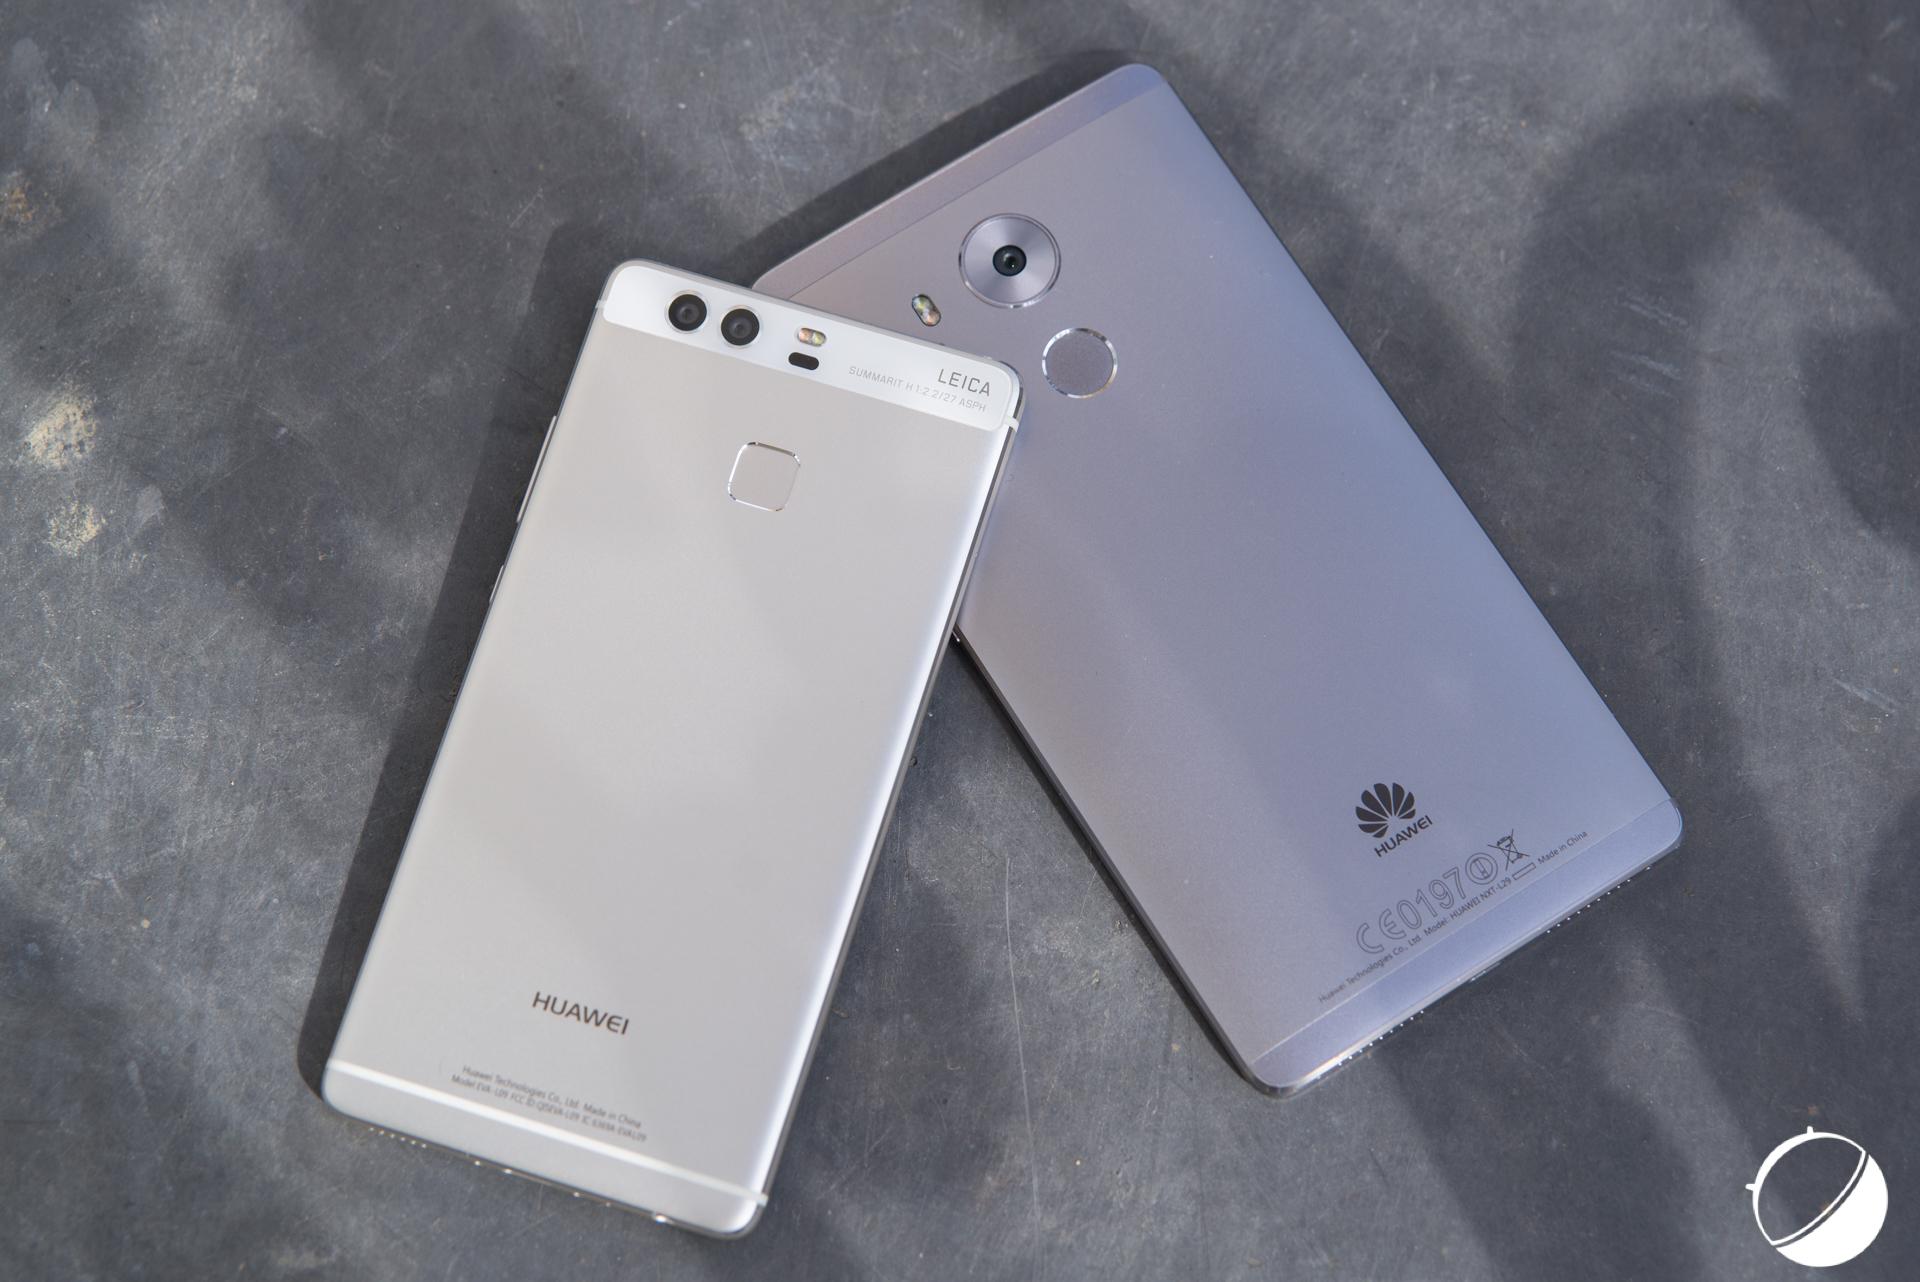 Huawei explicite les smartphones qui recevront Android 8.0 Oreo et EMUI 8.0